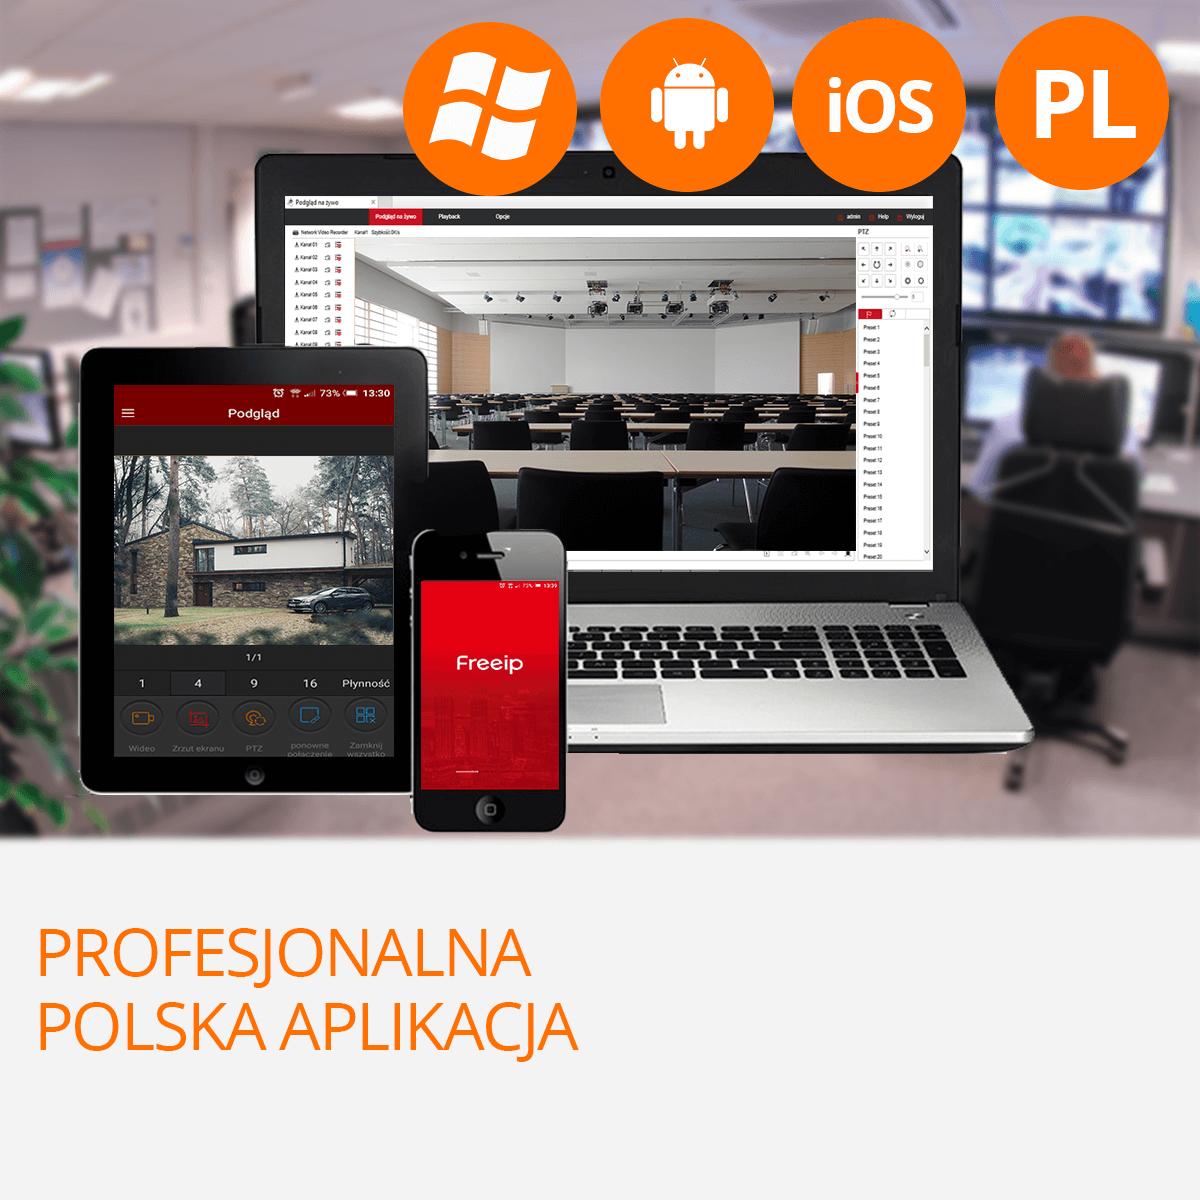 kamera polska aplikacja orllo pl